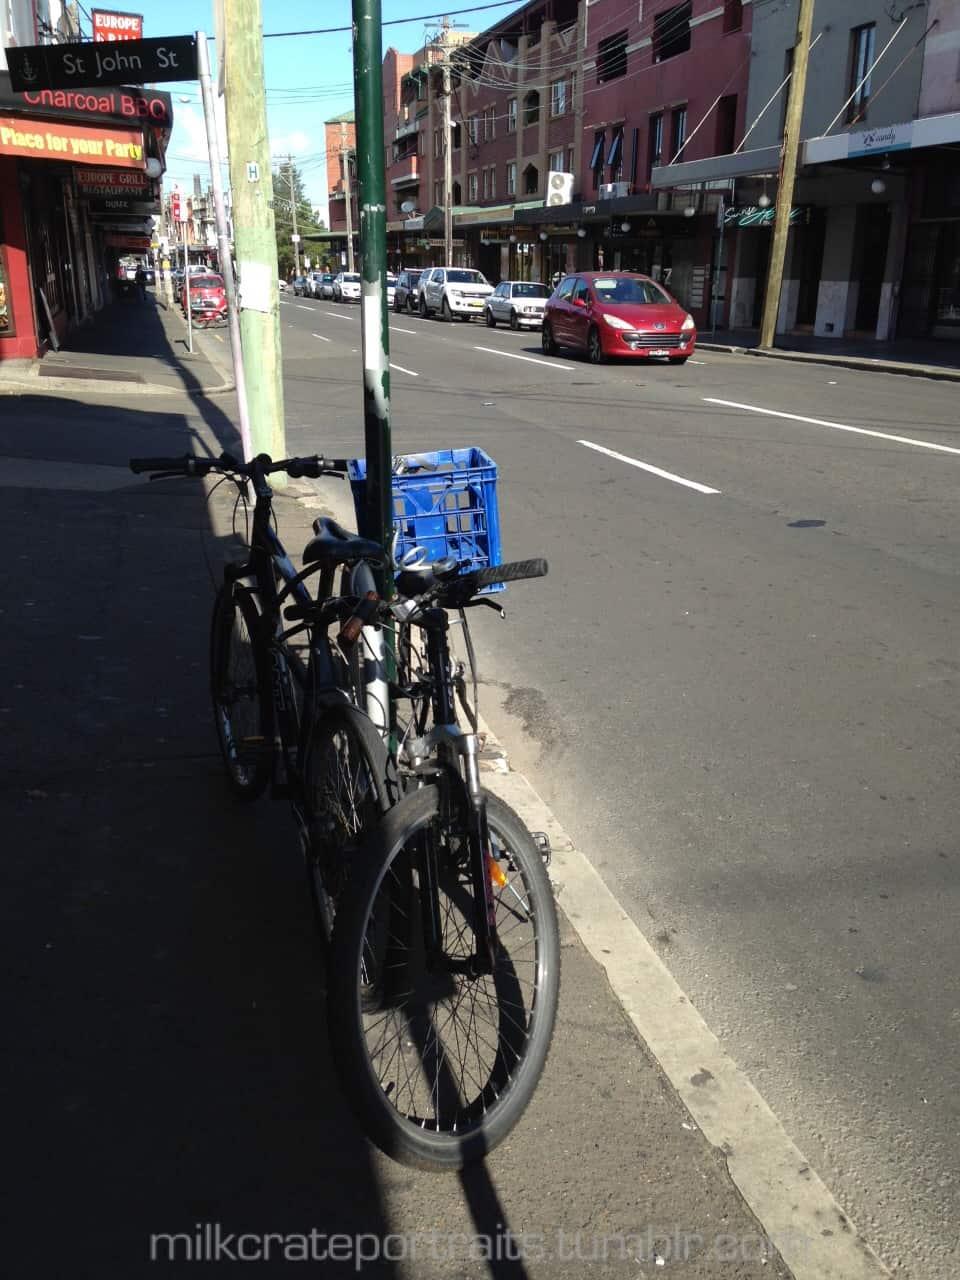 Bike milk crate